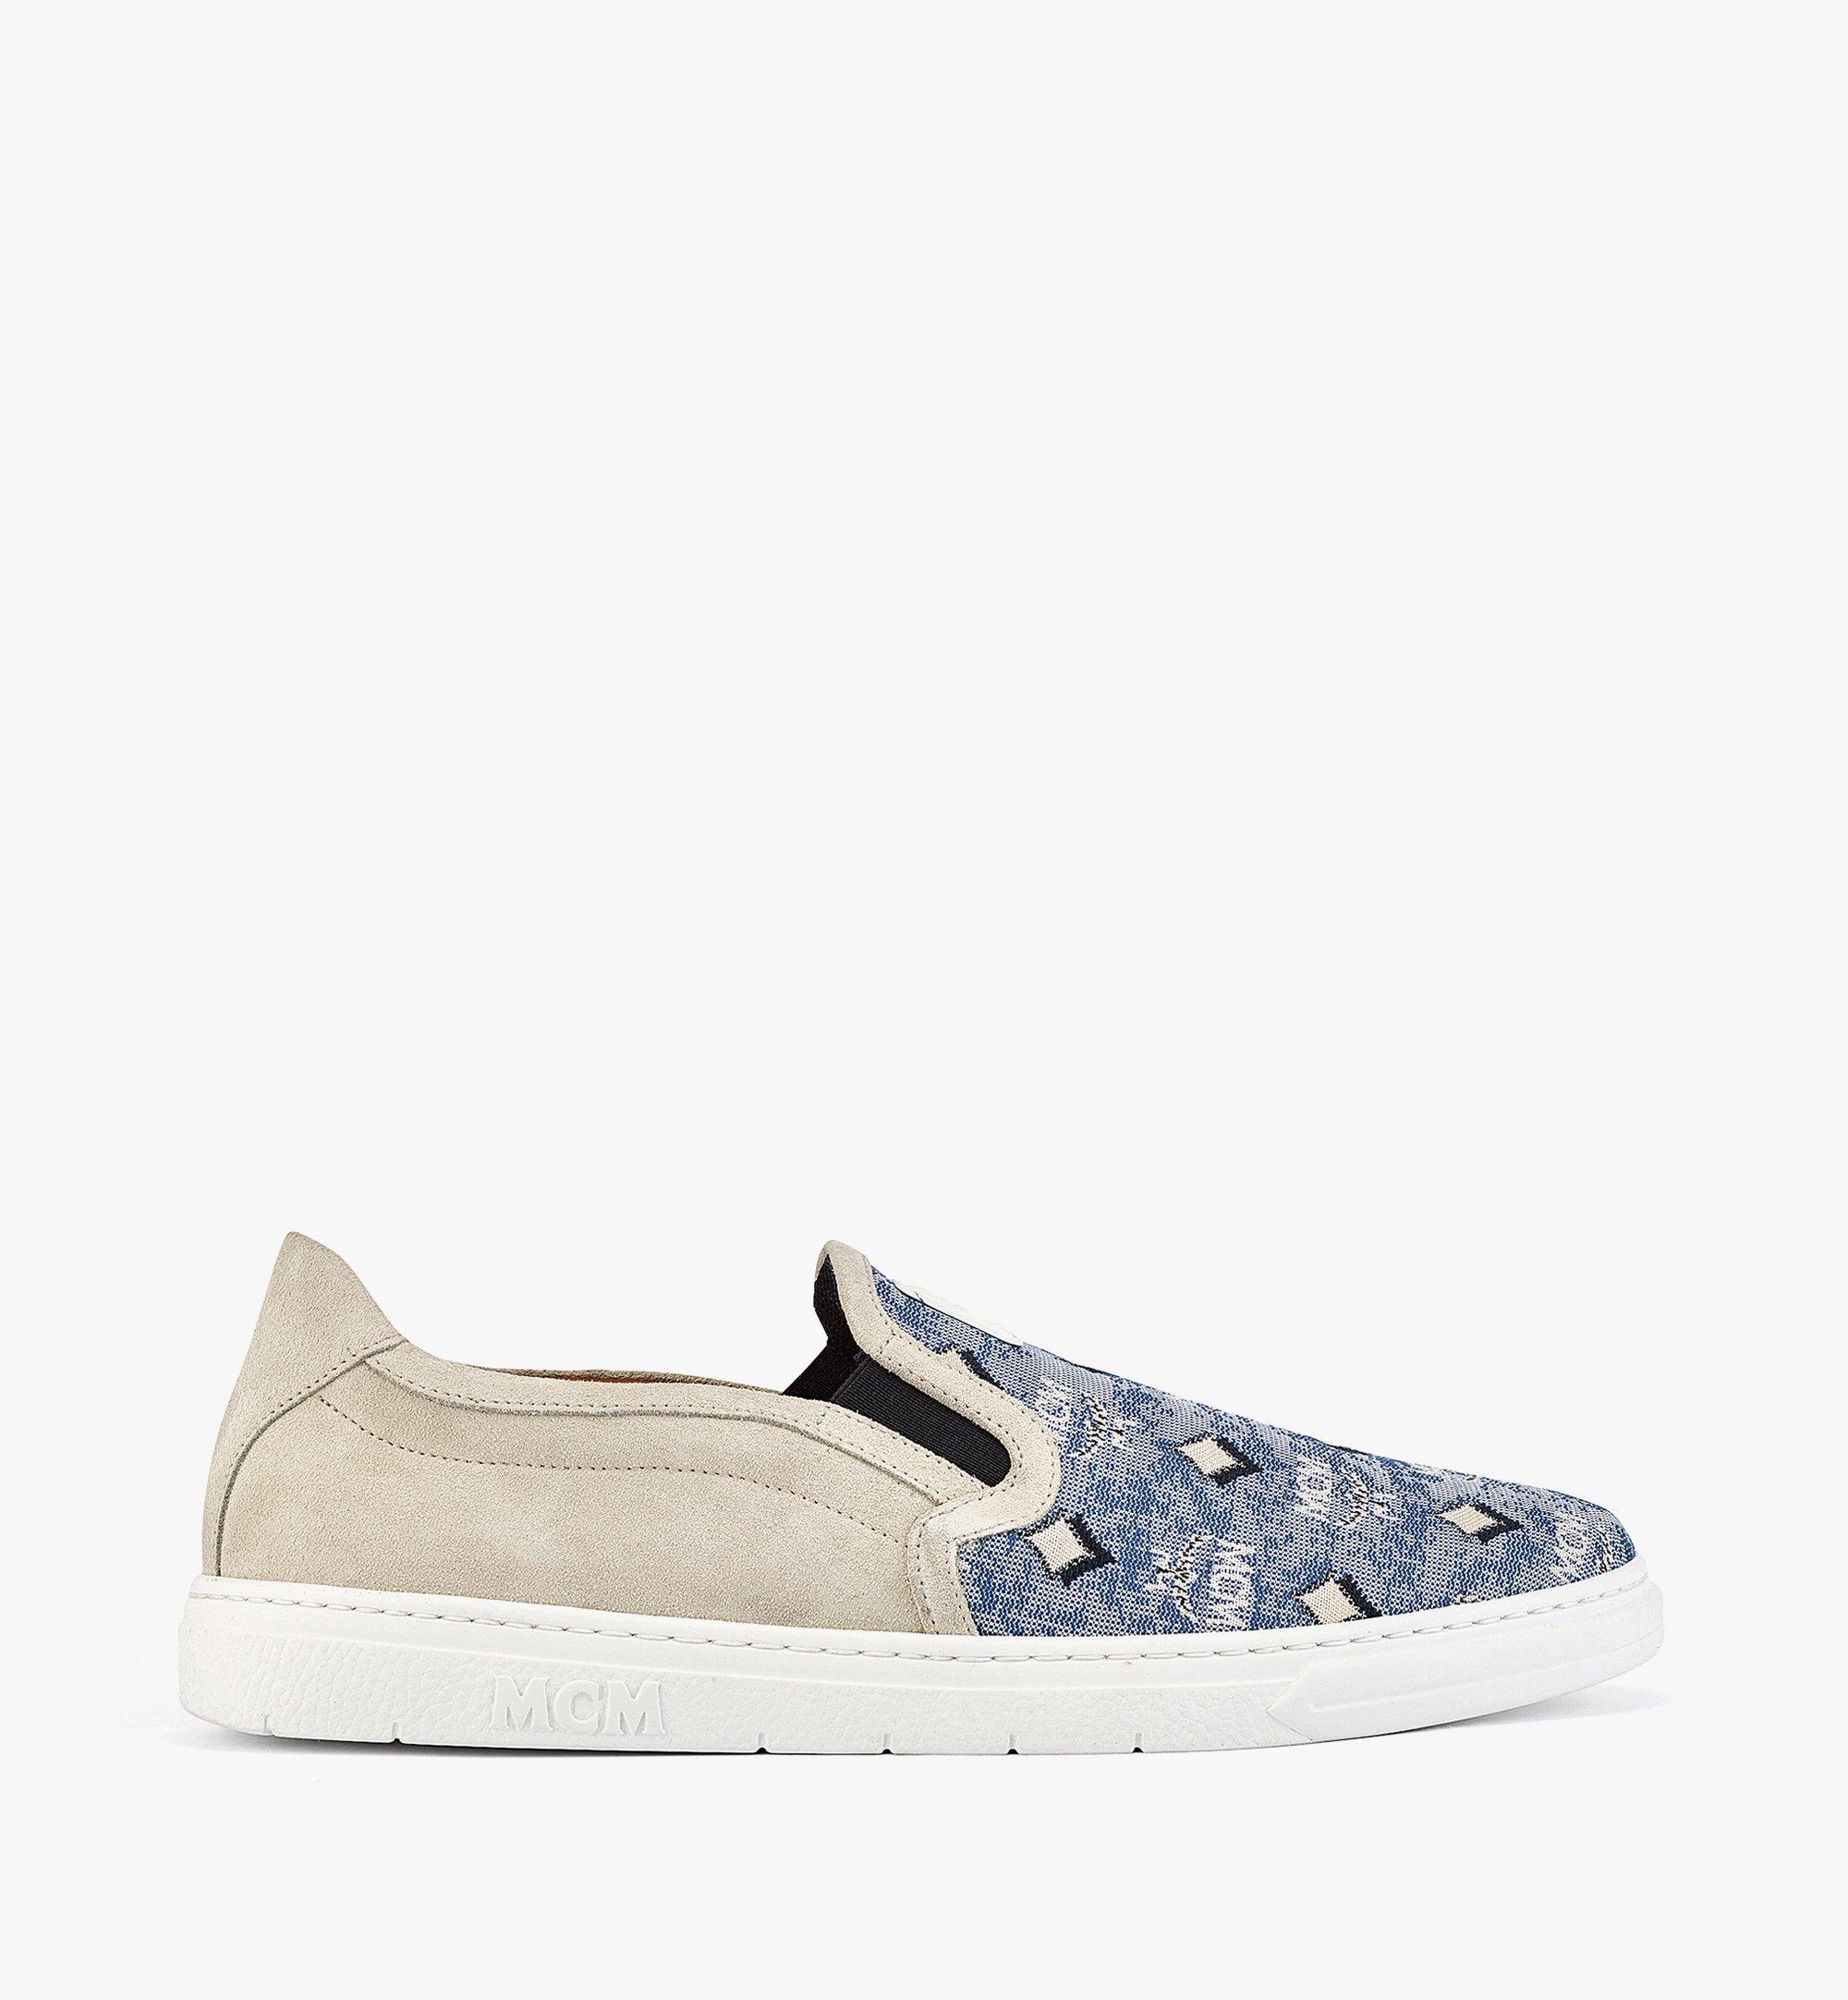 MCM Men's Slip-on Sneakers in Vintage Jacquard Monogram Blue MEXBATQ03LU041 Alternate View 3